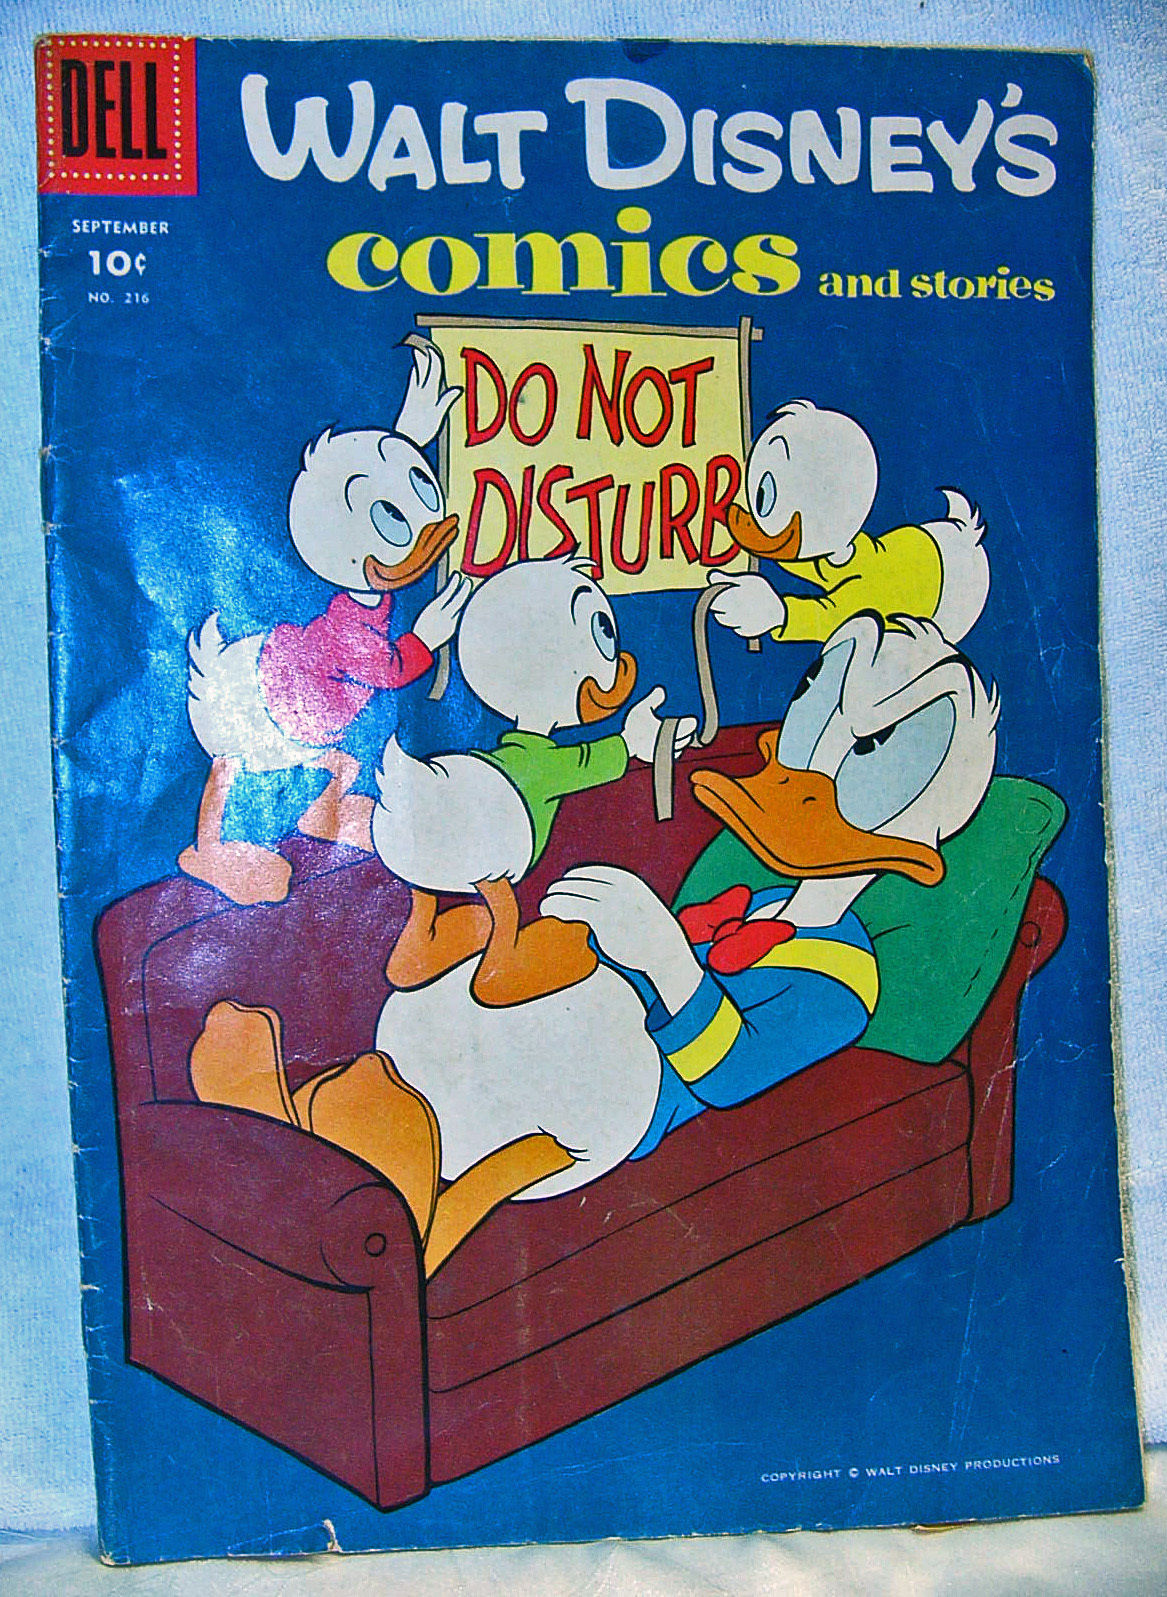 Walt Disney Comics Dell 1958 No216A Donald Duck Do Not Disturb Good Condition - $9.05